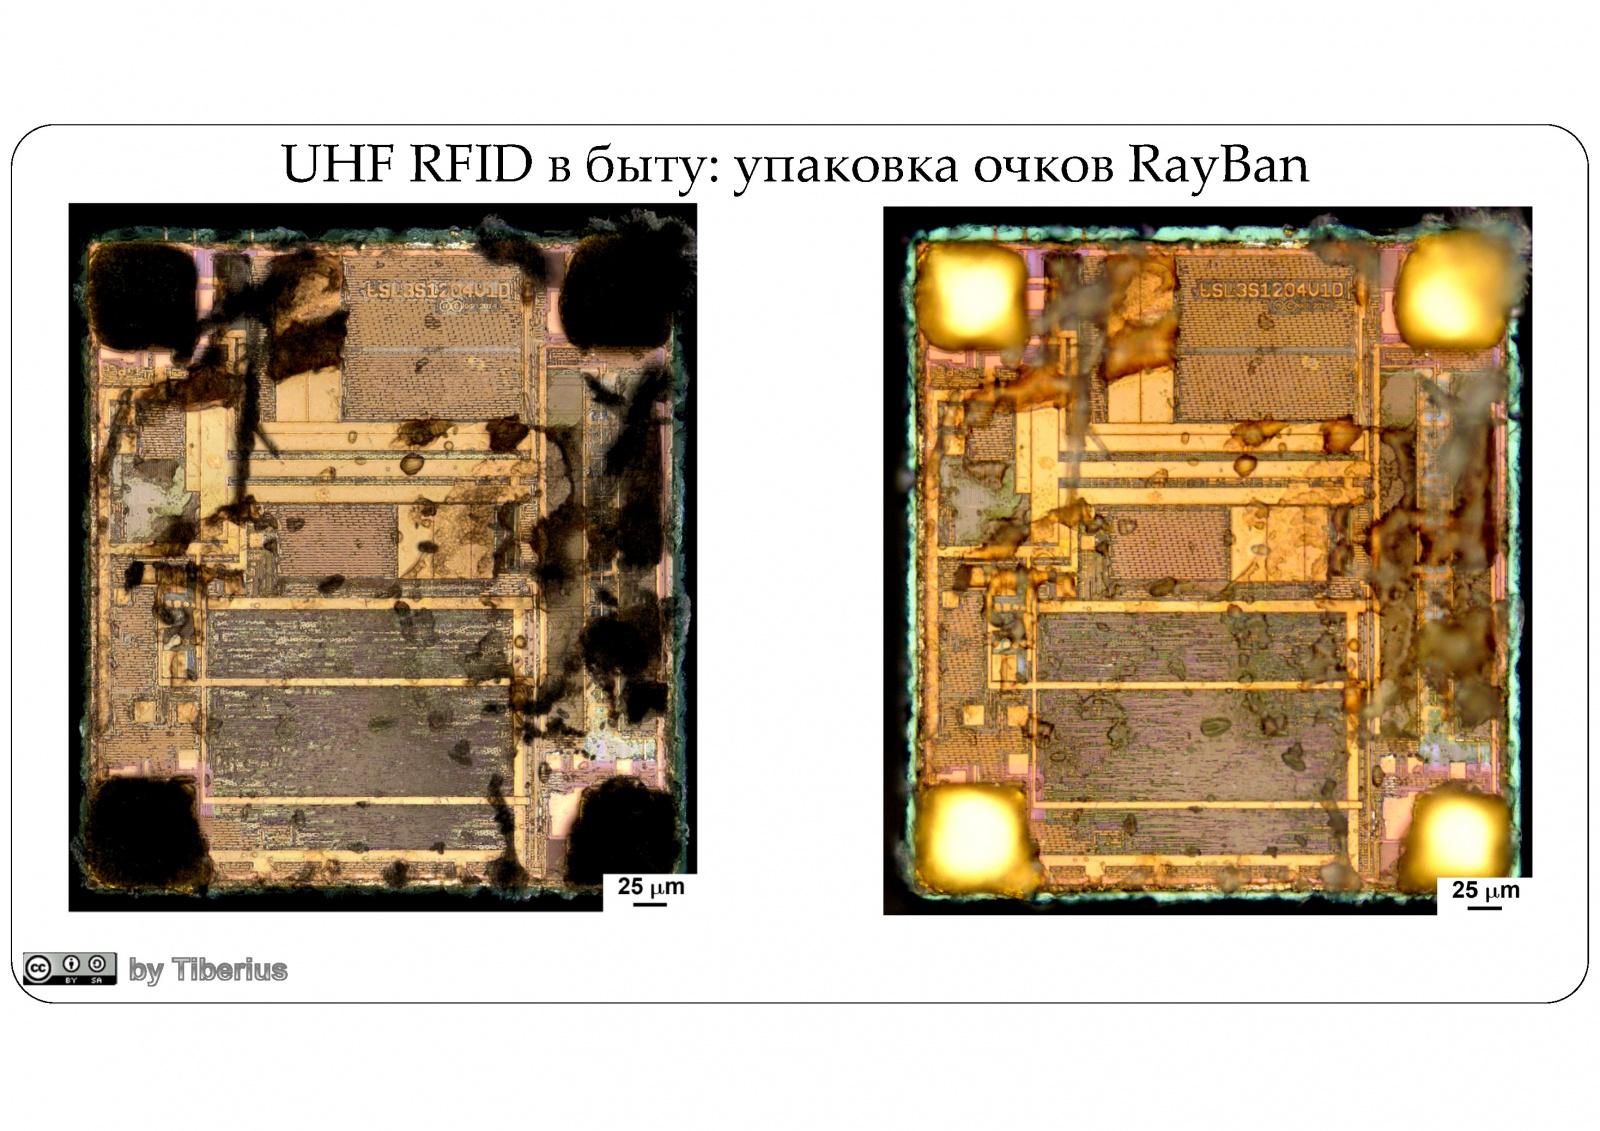 Взгляд изнутри: RFID в современном мире. Часть 1: RFID в быту - 15